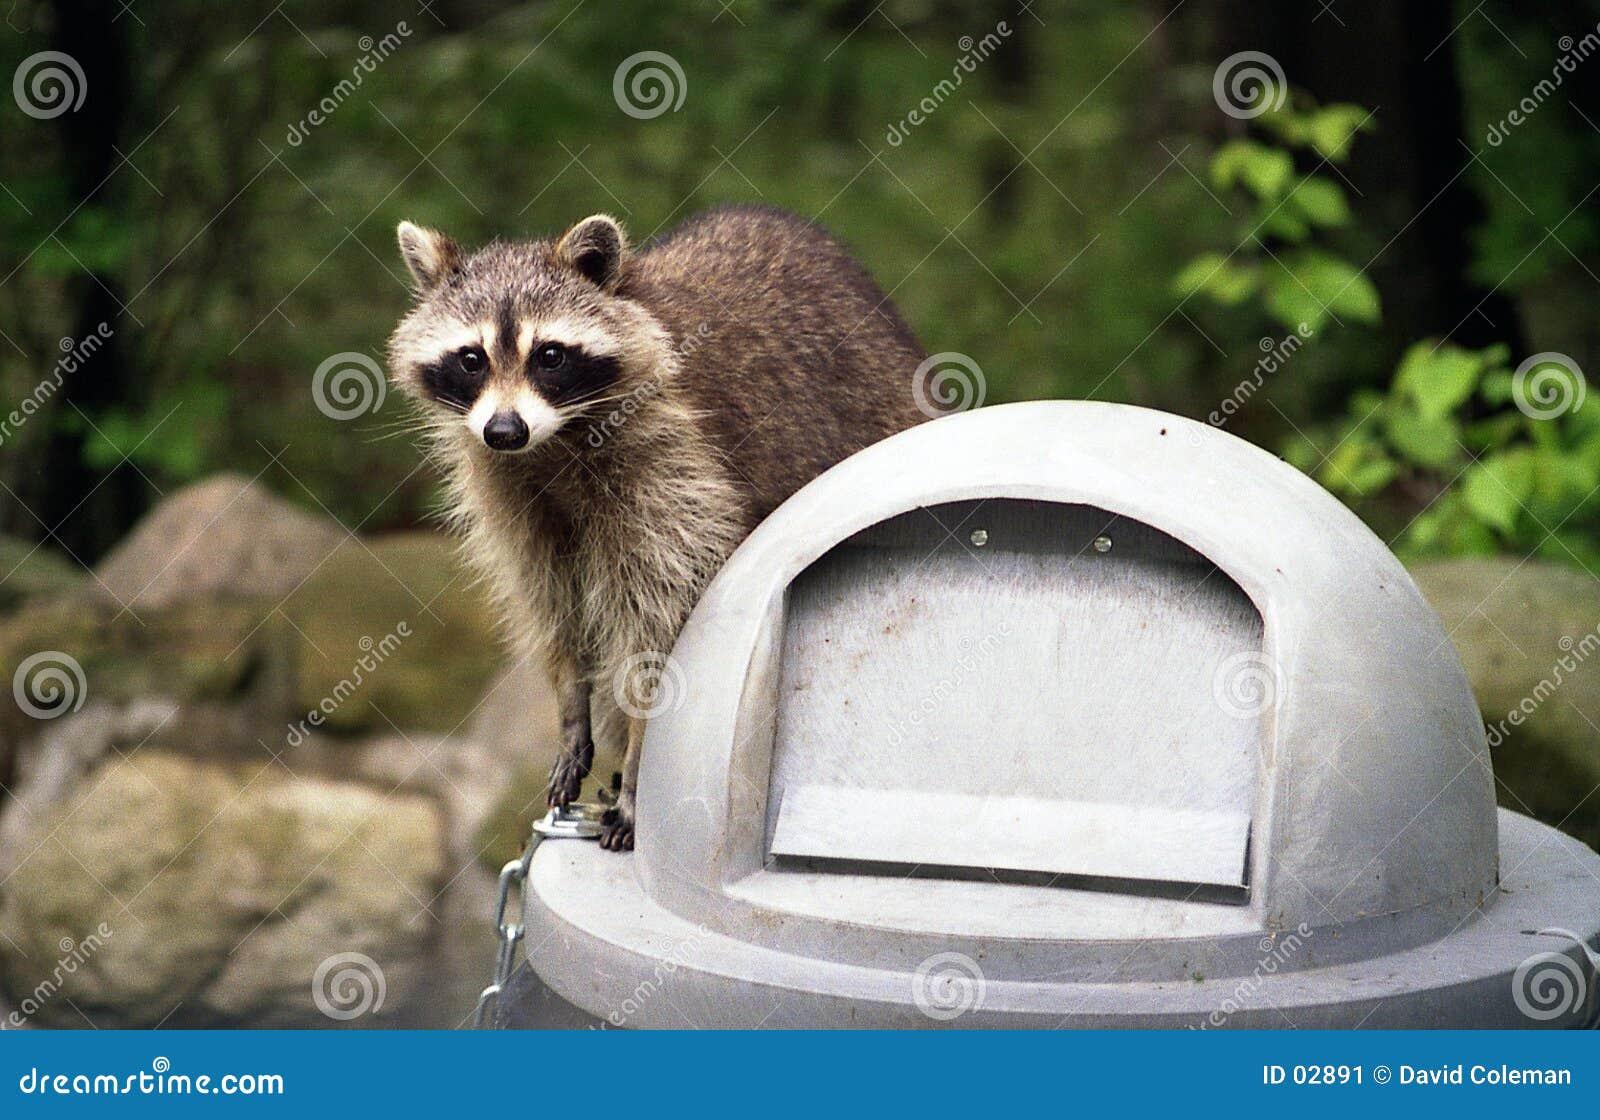 Raccoon on Trashcan